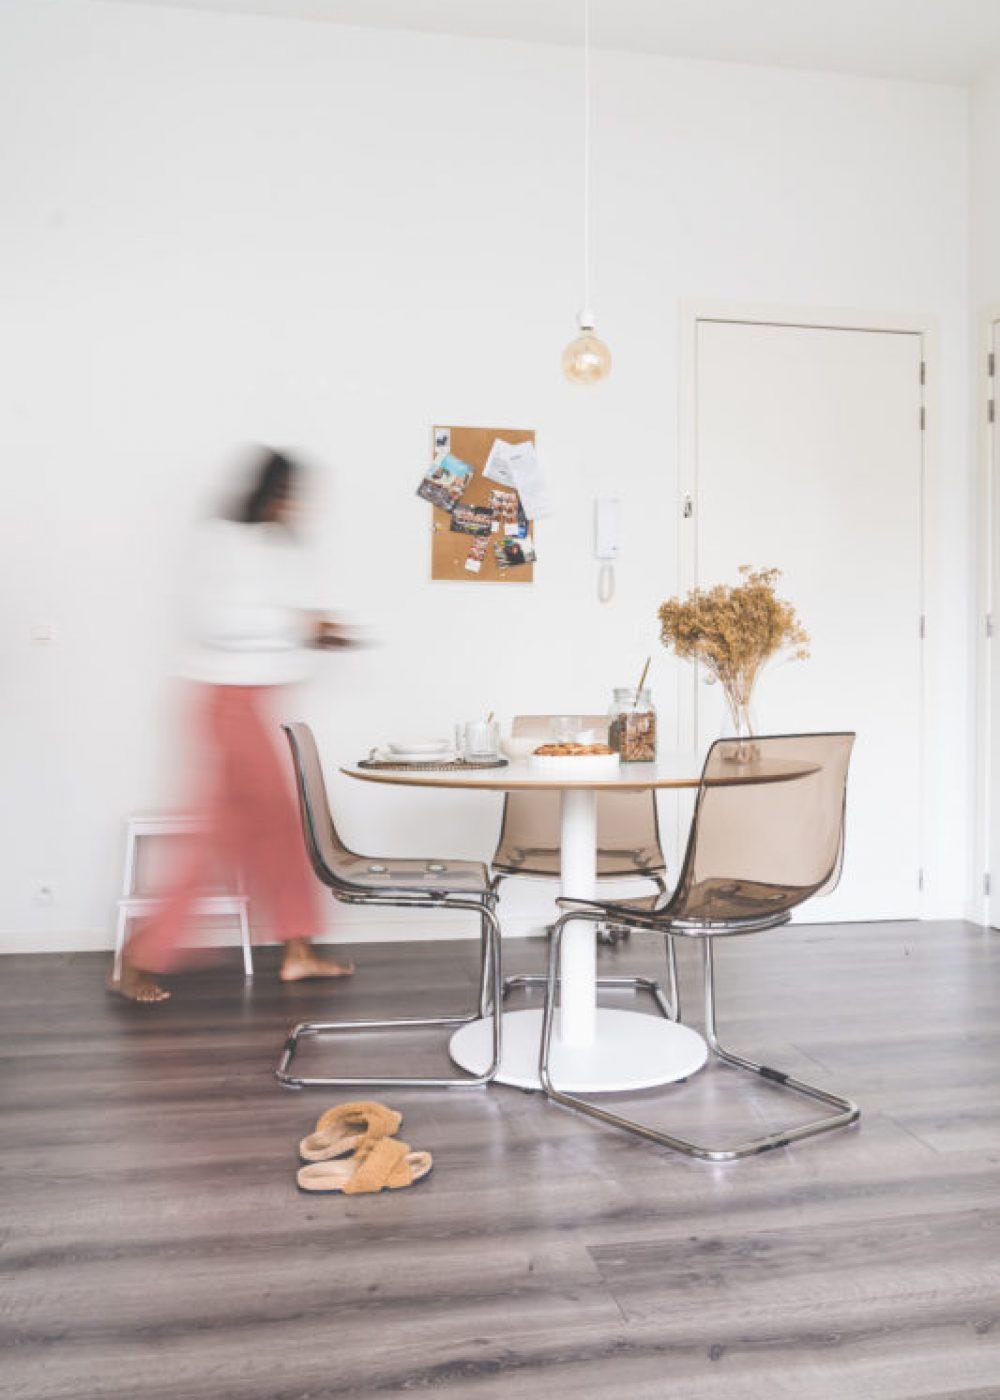 Kijkje in de keuken